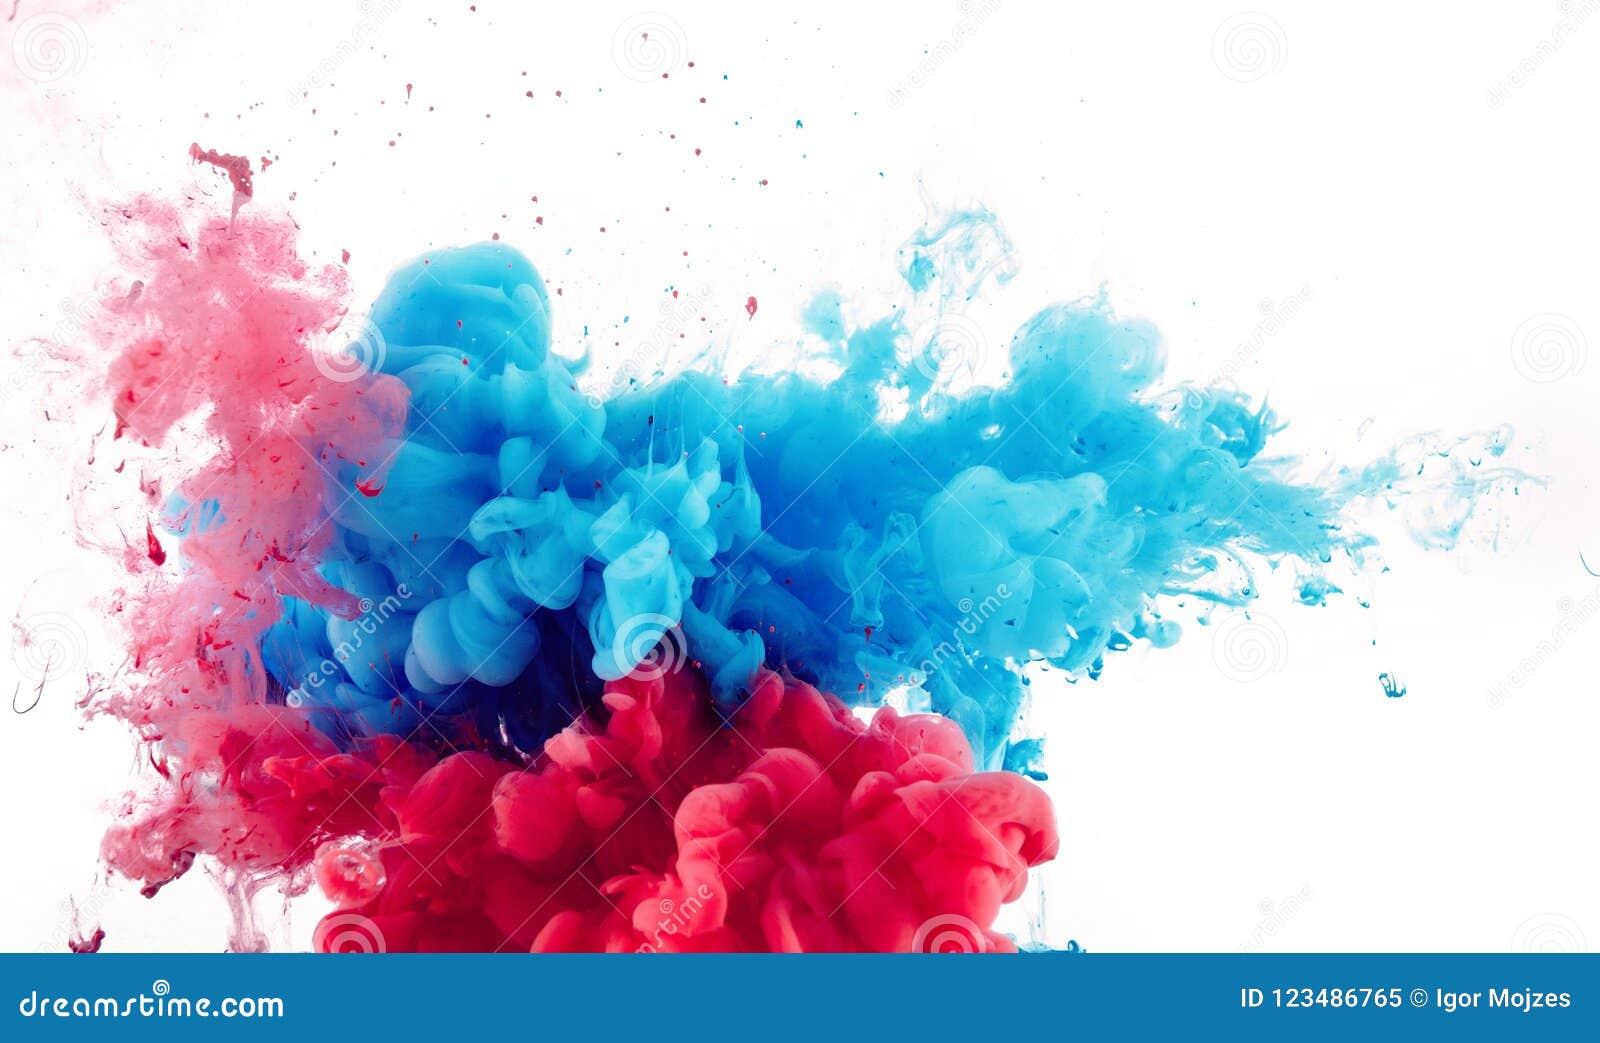 Смешивание красных и синих чернил брызгает